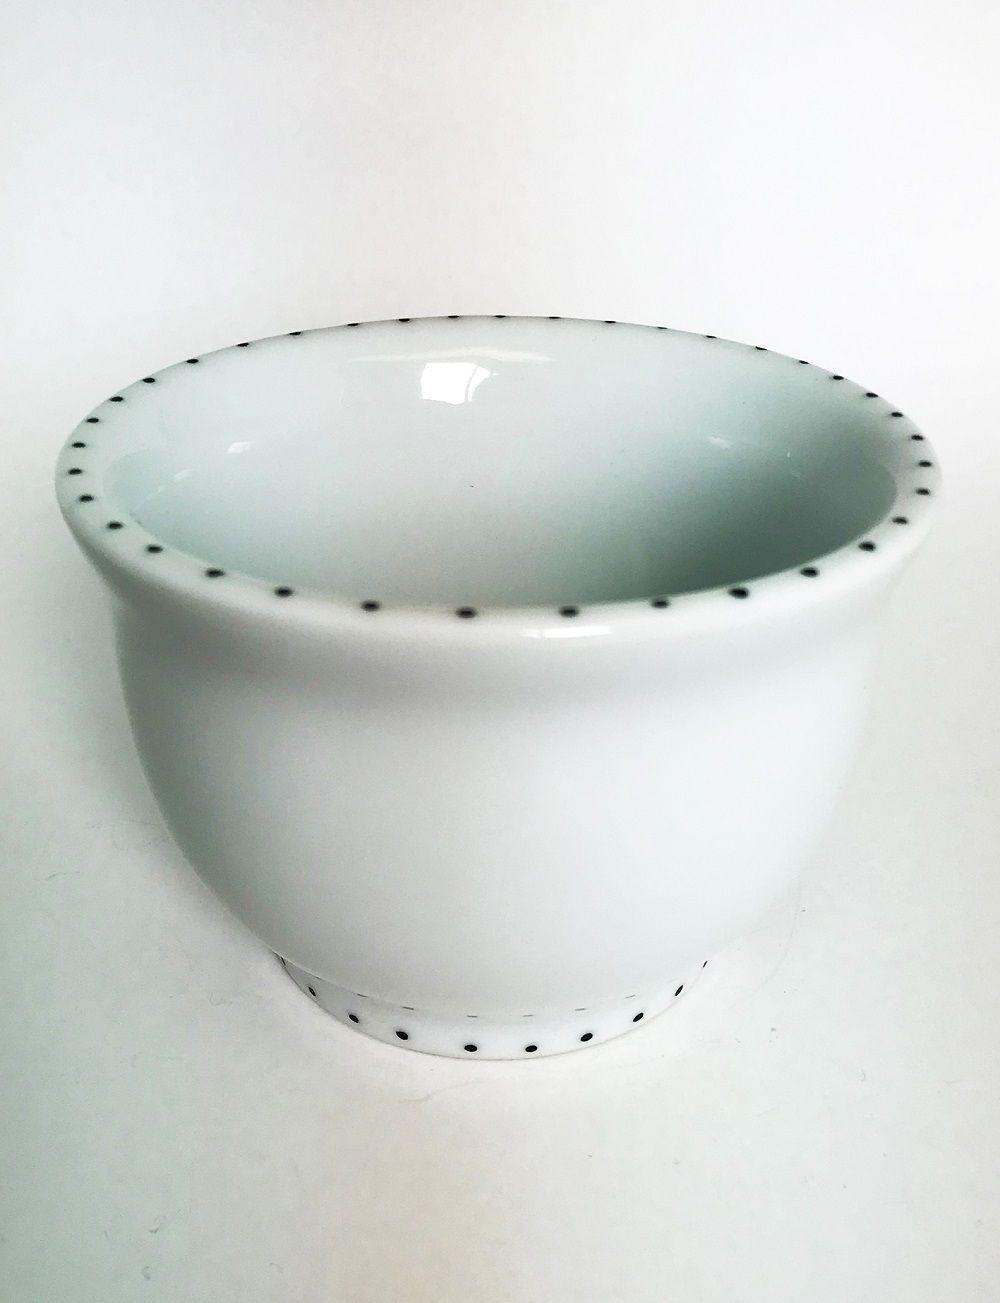 Bowl de Cerâmica Finito Preto e Branco